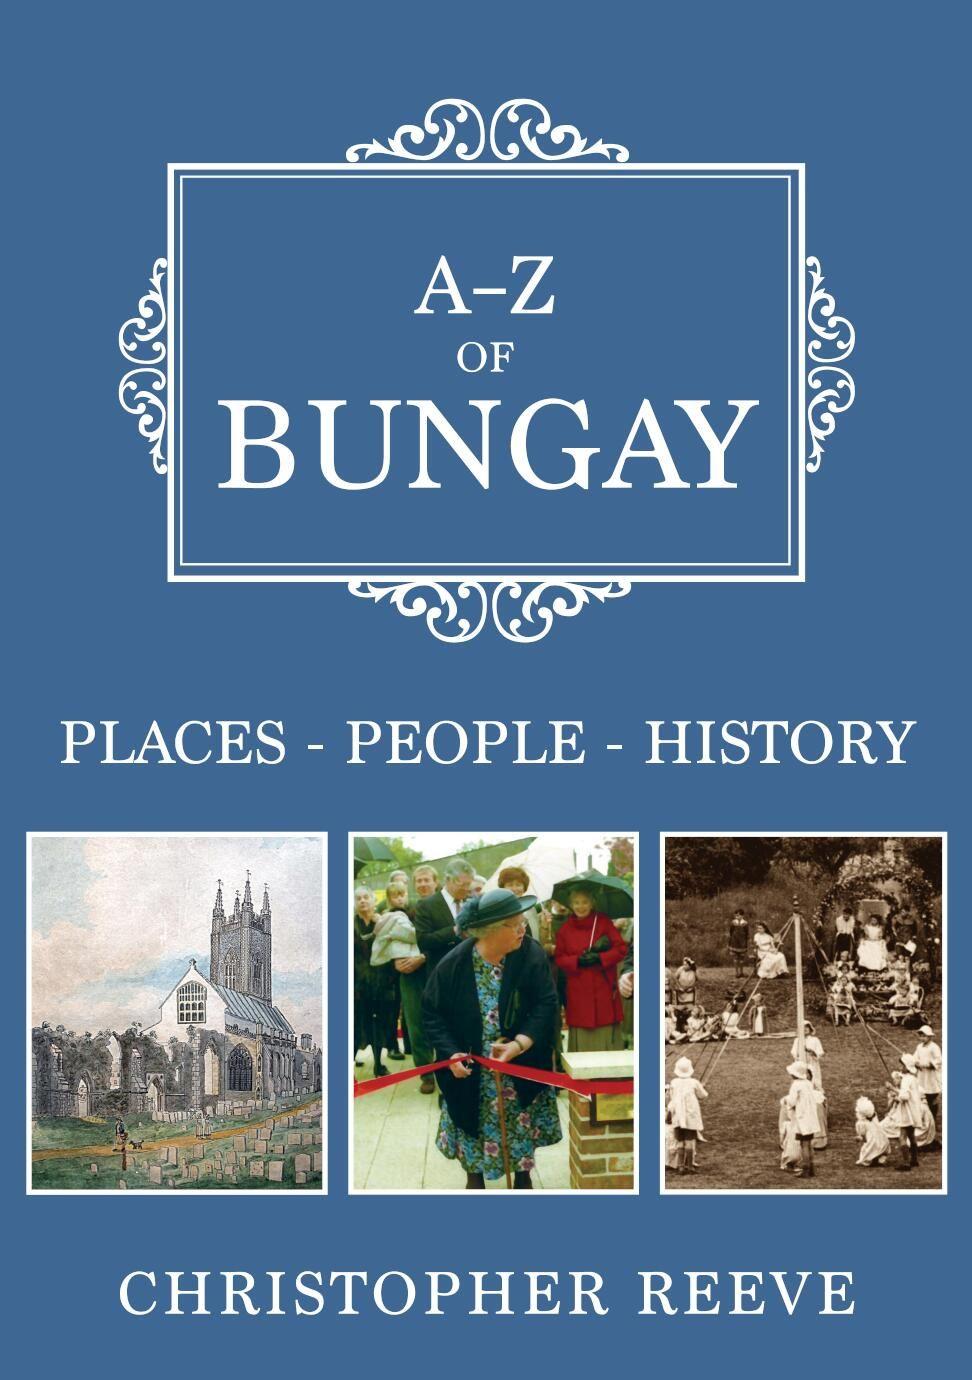 A_Z of Bungay